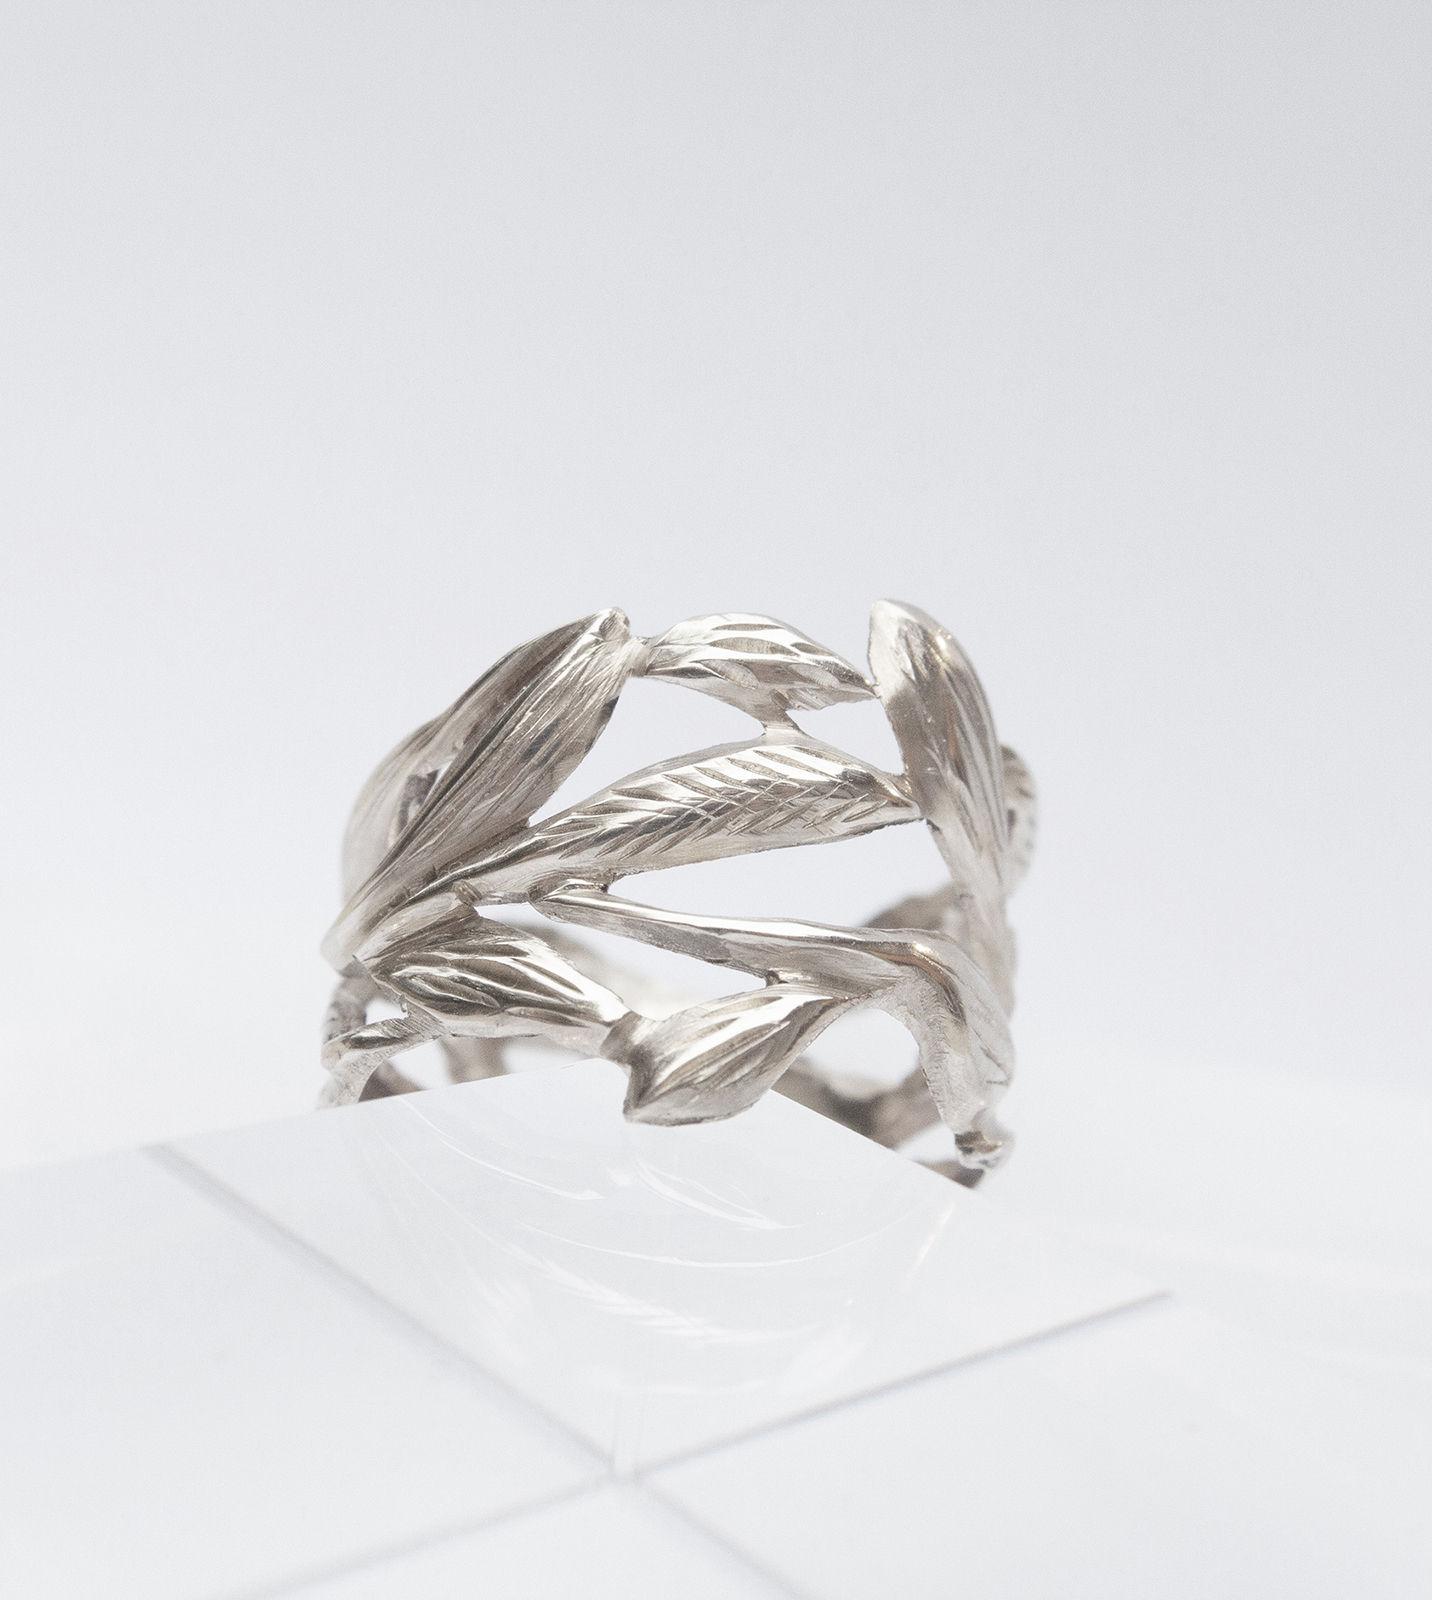 Celine-lareynie-bijoux-joaillerie-ethique-bague-de-fiancaille-or